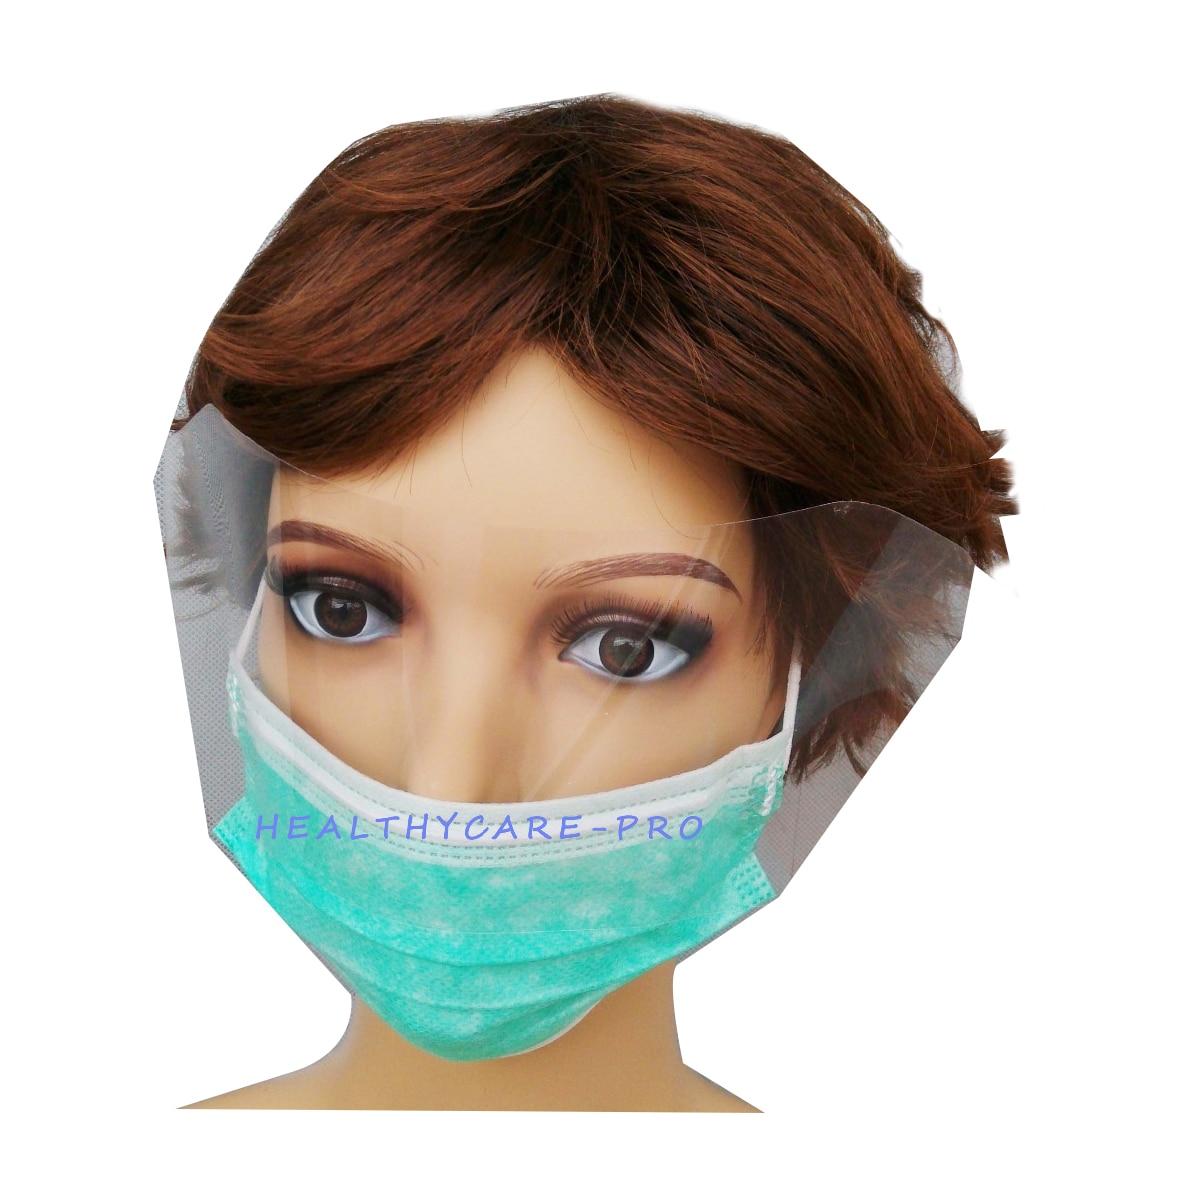 100 Pcs/Pack Chirurgische Gesicht Maske Ohrbügel Atemschutz Staub Mund Anti Nebel Mit Visier 3 Schicht Schwarz Maske unisex Für Gesundheit Pflege